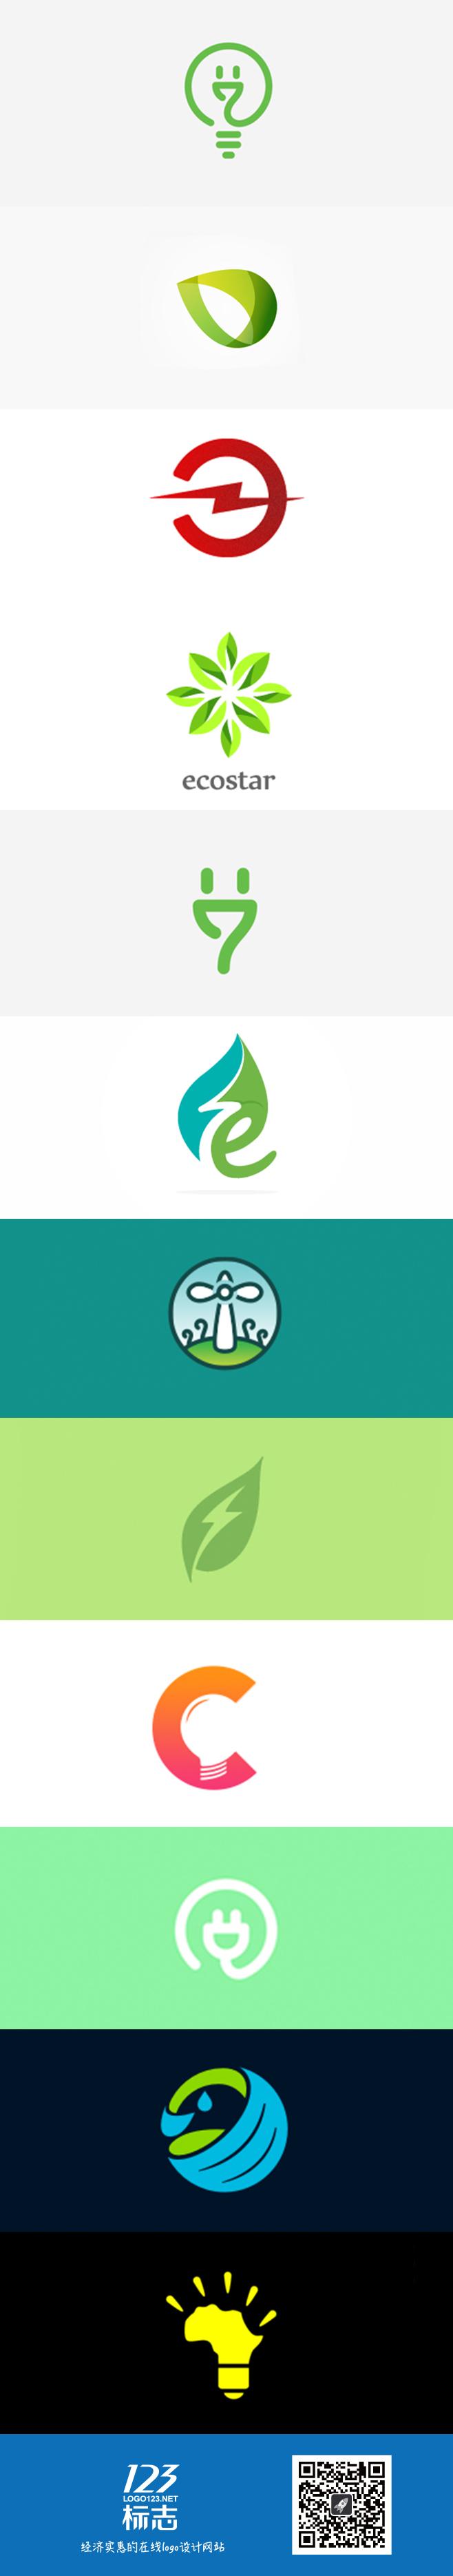 一组极简风格的环保能源元素logo设计集锦